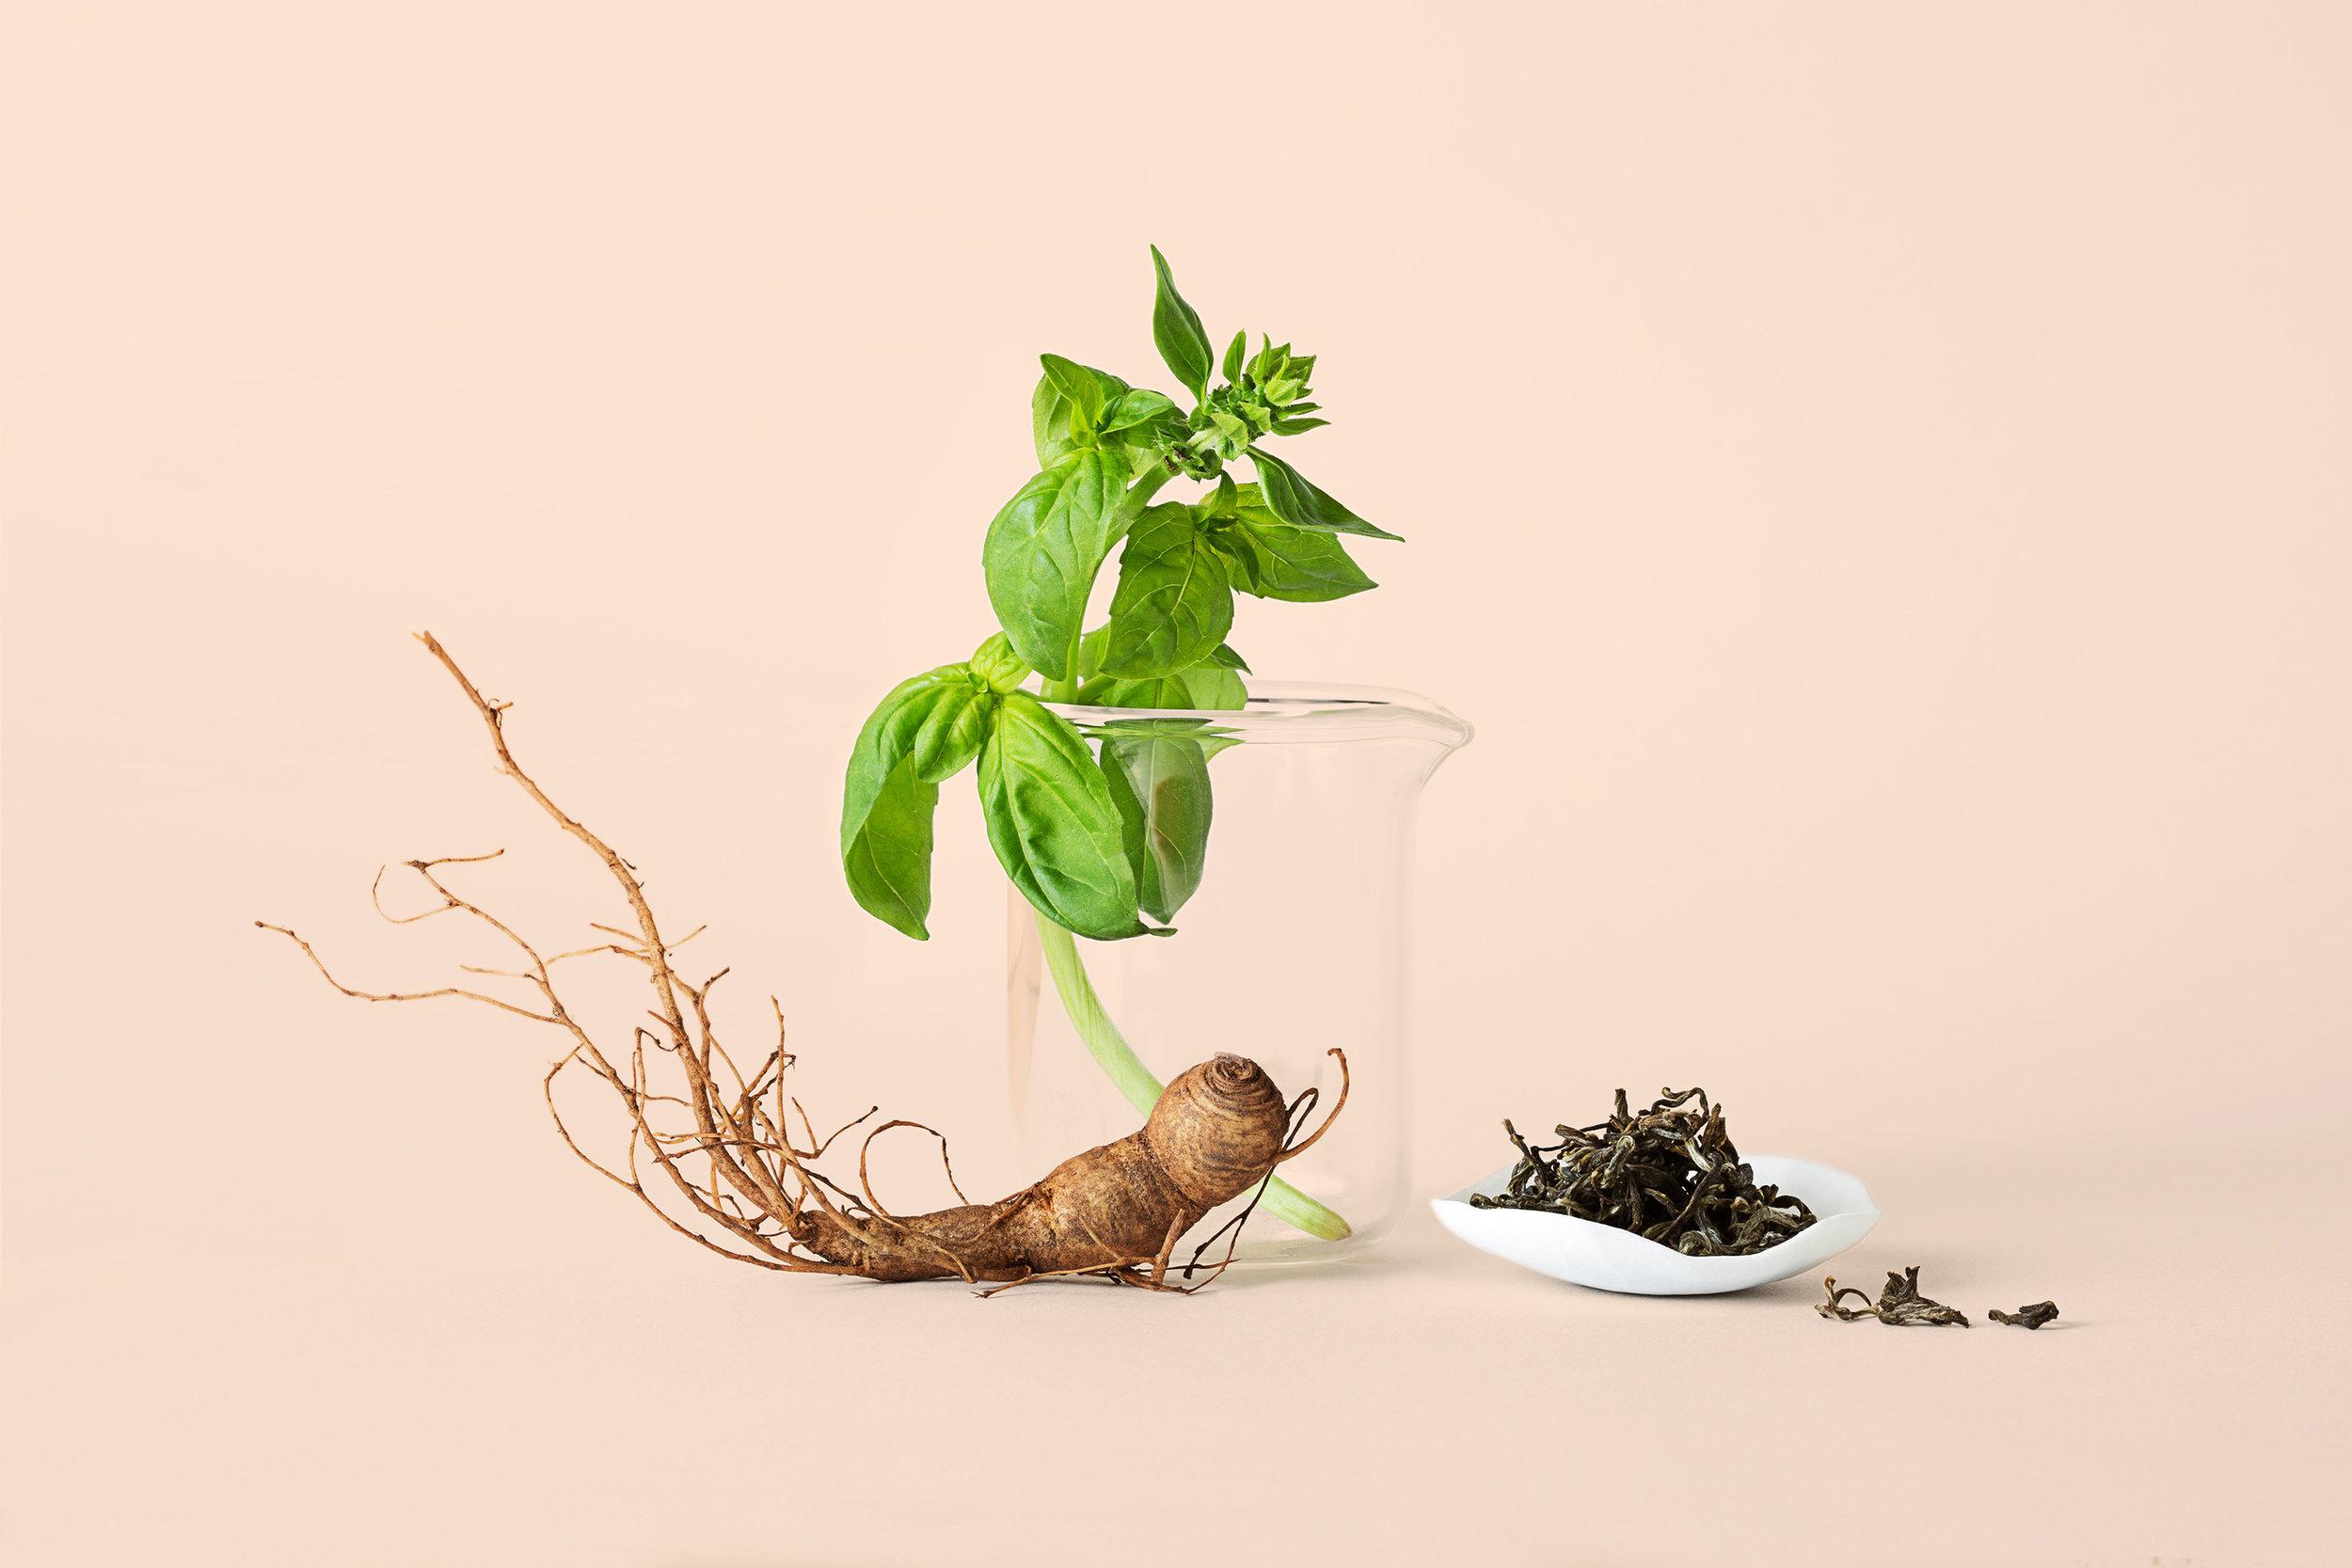 Madelene-Farin-Lucent-Botanicals-006.jpg